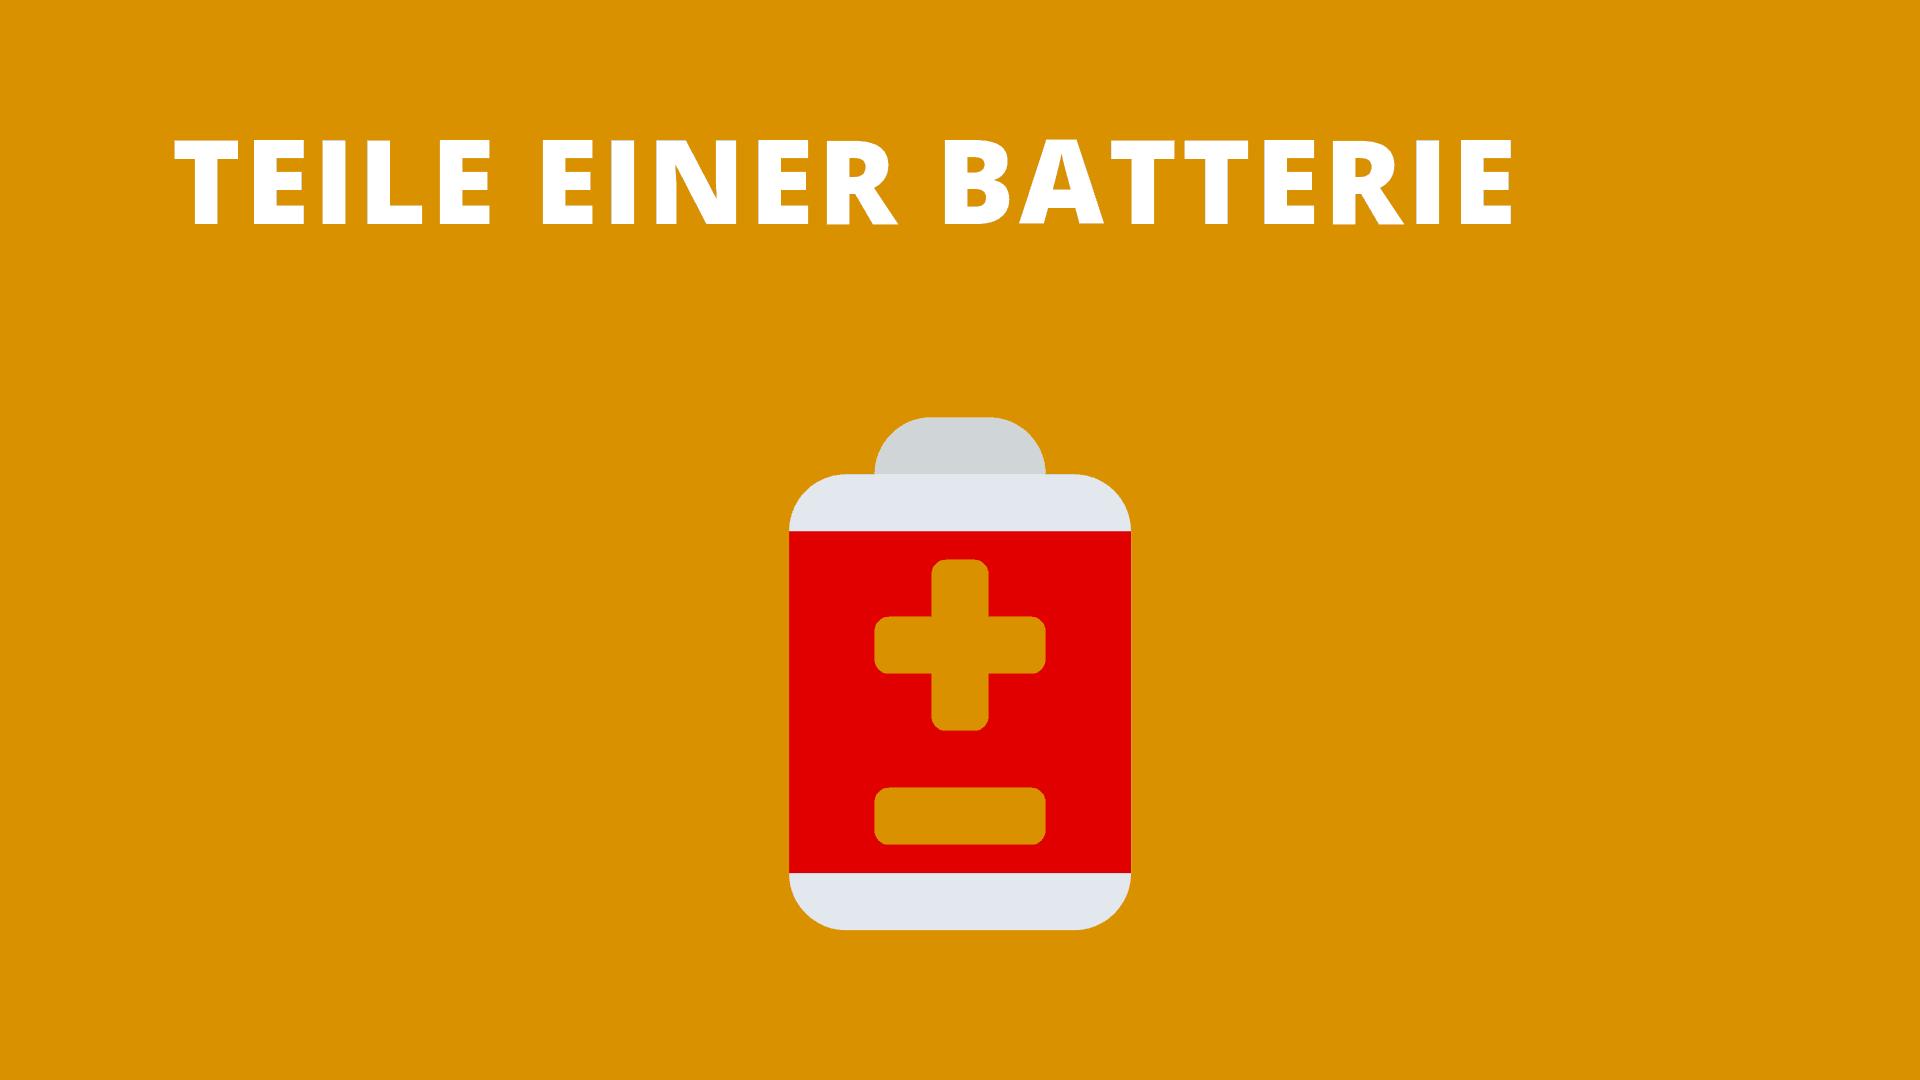 Teil einer Batterie: Mit 5, 7, 8 und 9 Buchstaben